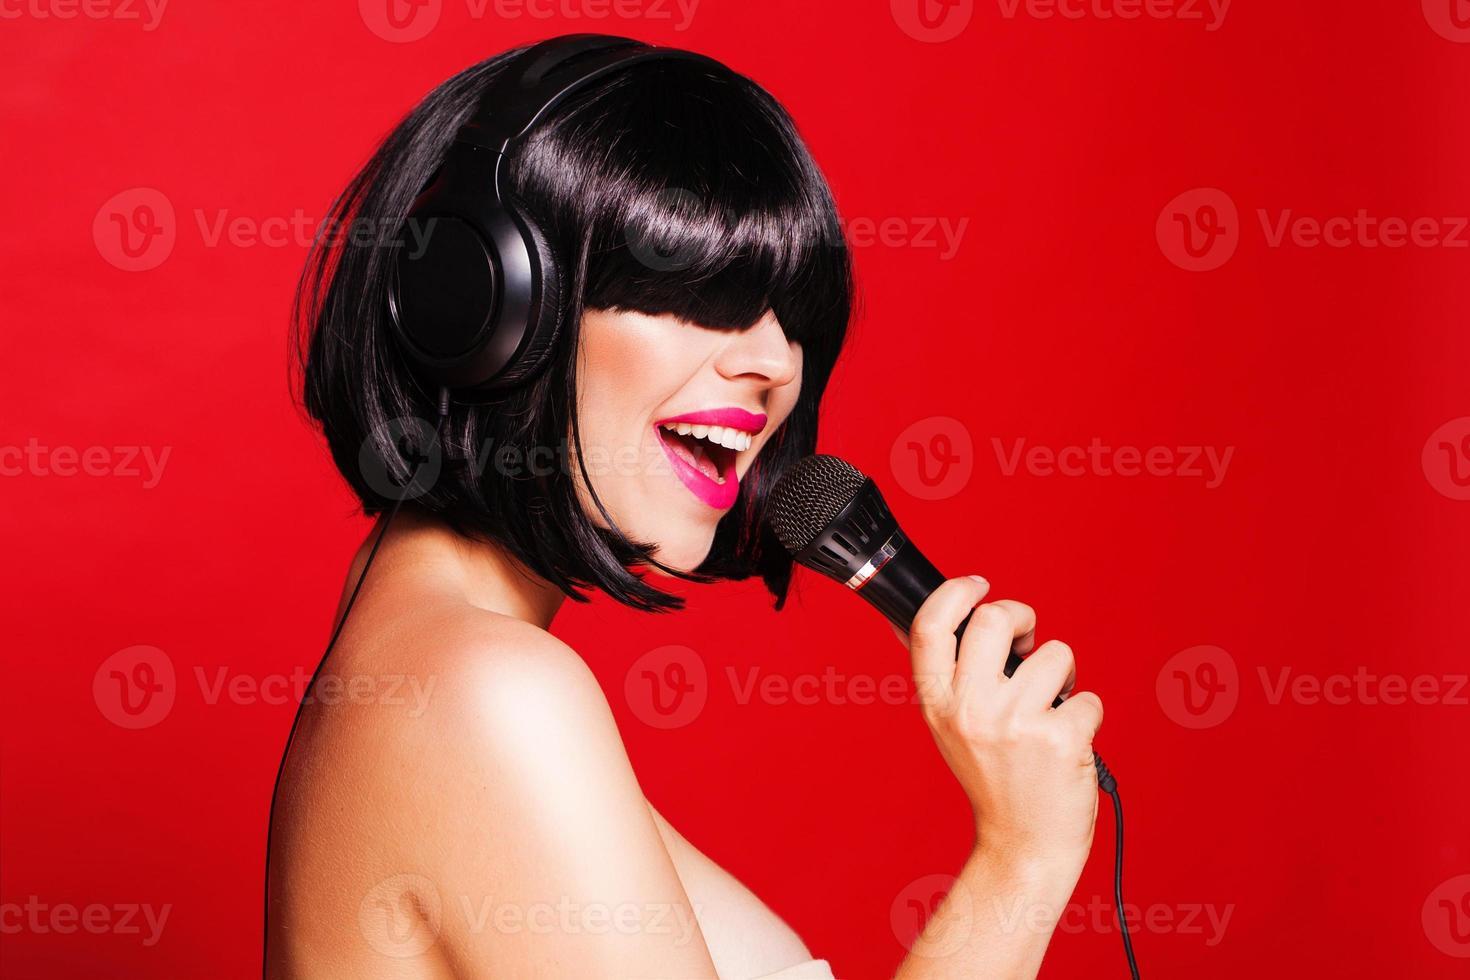 mulher com microfone cantando em fones de ouvido e curtindo uma dança foto